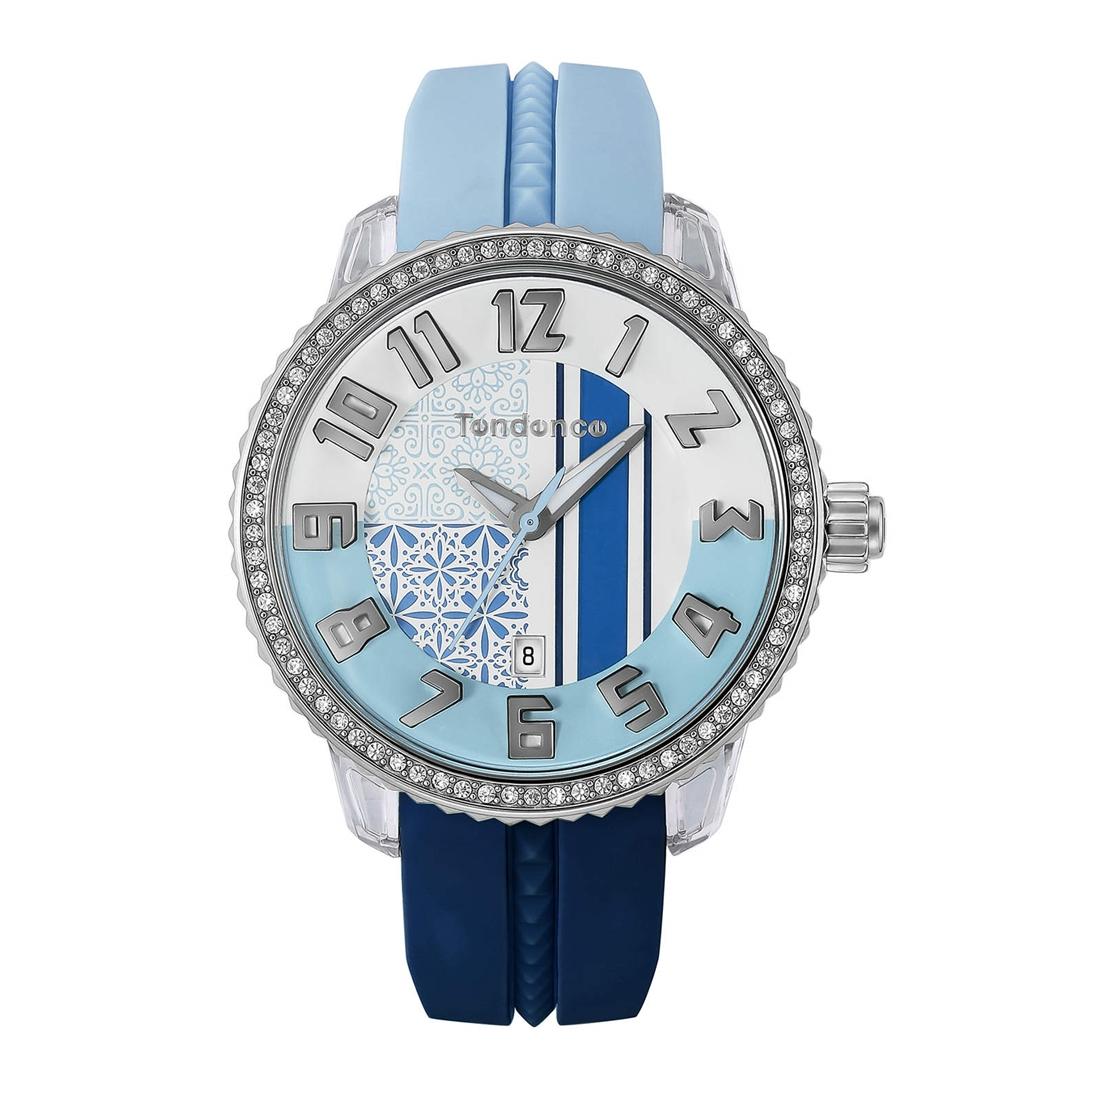 【今ならオーバーサイズノートプレゼント】 テンデンス Tendence TY930064 クレイジー 正規品 腕時計